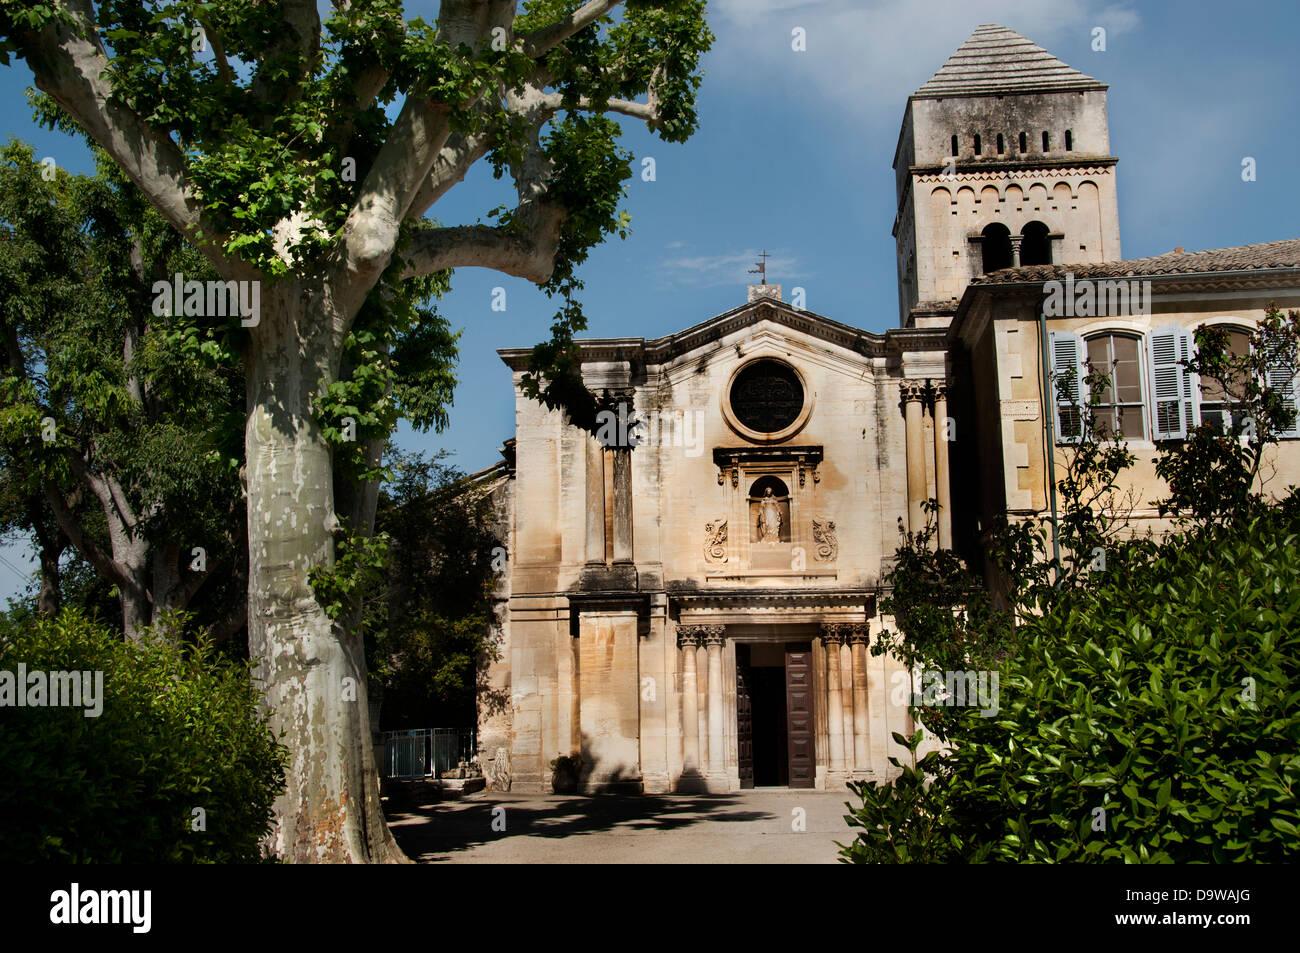 Monastère Saint Paul de Mausole Saint Rémy de Provence France Vincent van Gogh 1853-1890 Pays-Bas Néerlandais Photo Stock